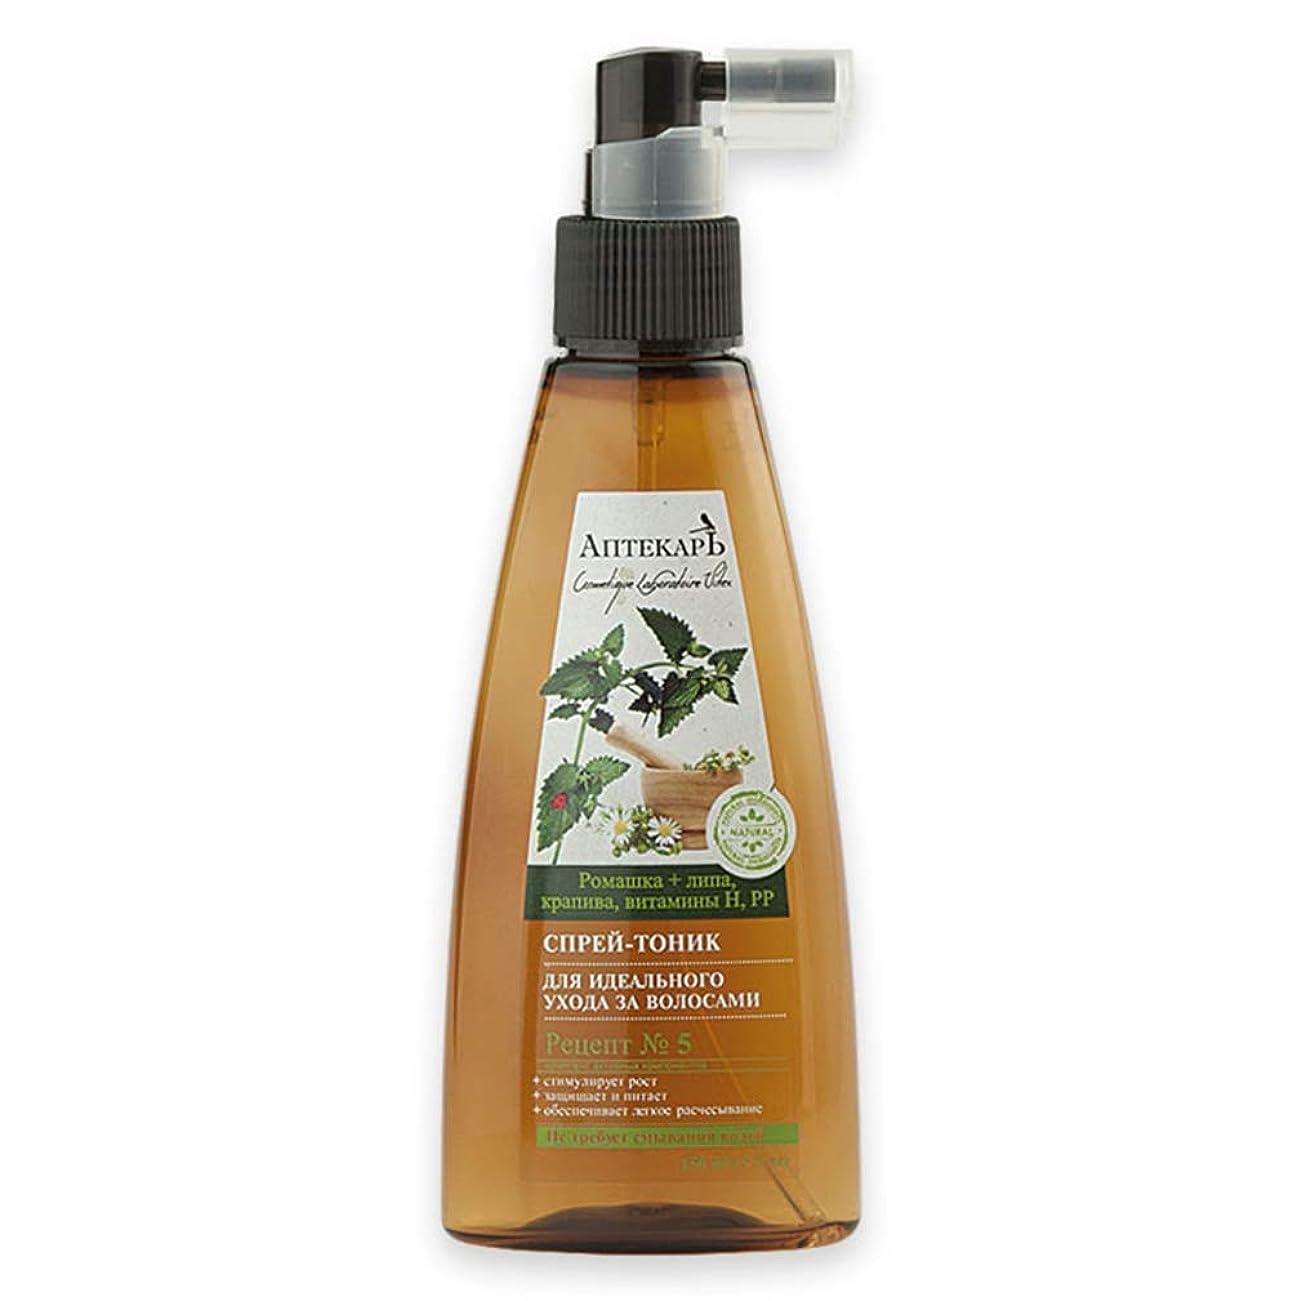 コンデンサー分注する養うBielita & Vitex | Chemist Line | Spray tonic for perfect hair care | Chamomile | linden | Nettle | Vitamins H | PP | Recipe number 5 | 150 ml